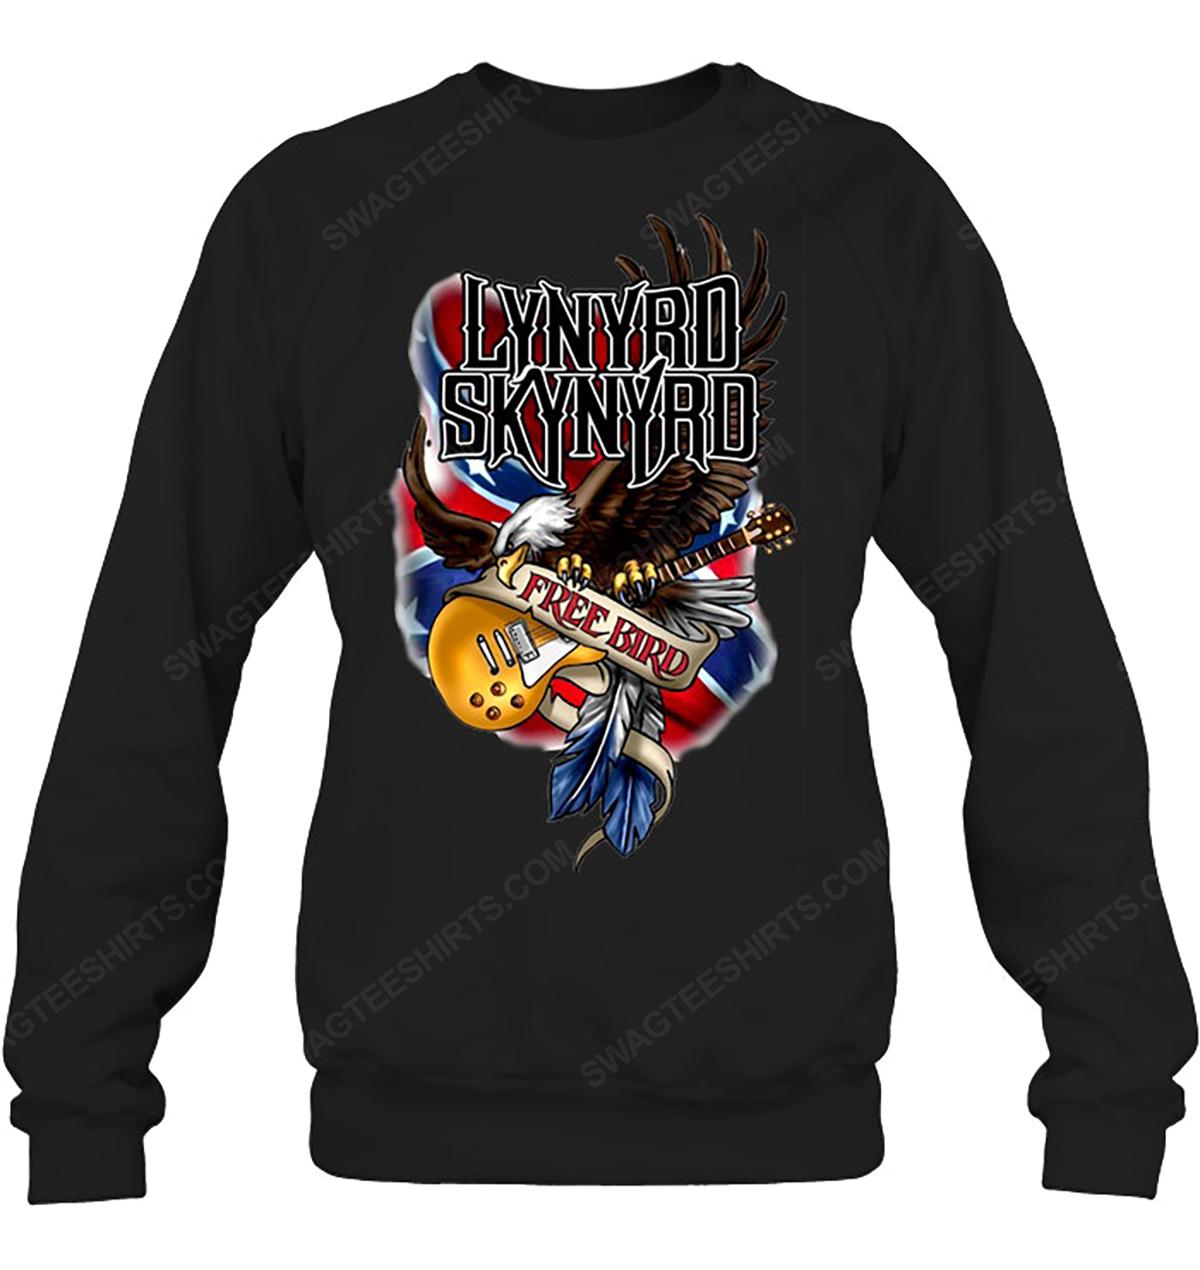 Rock band lynyrd skynyrd free bird sweatshirt 1